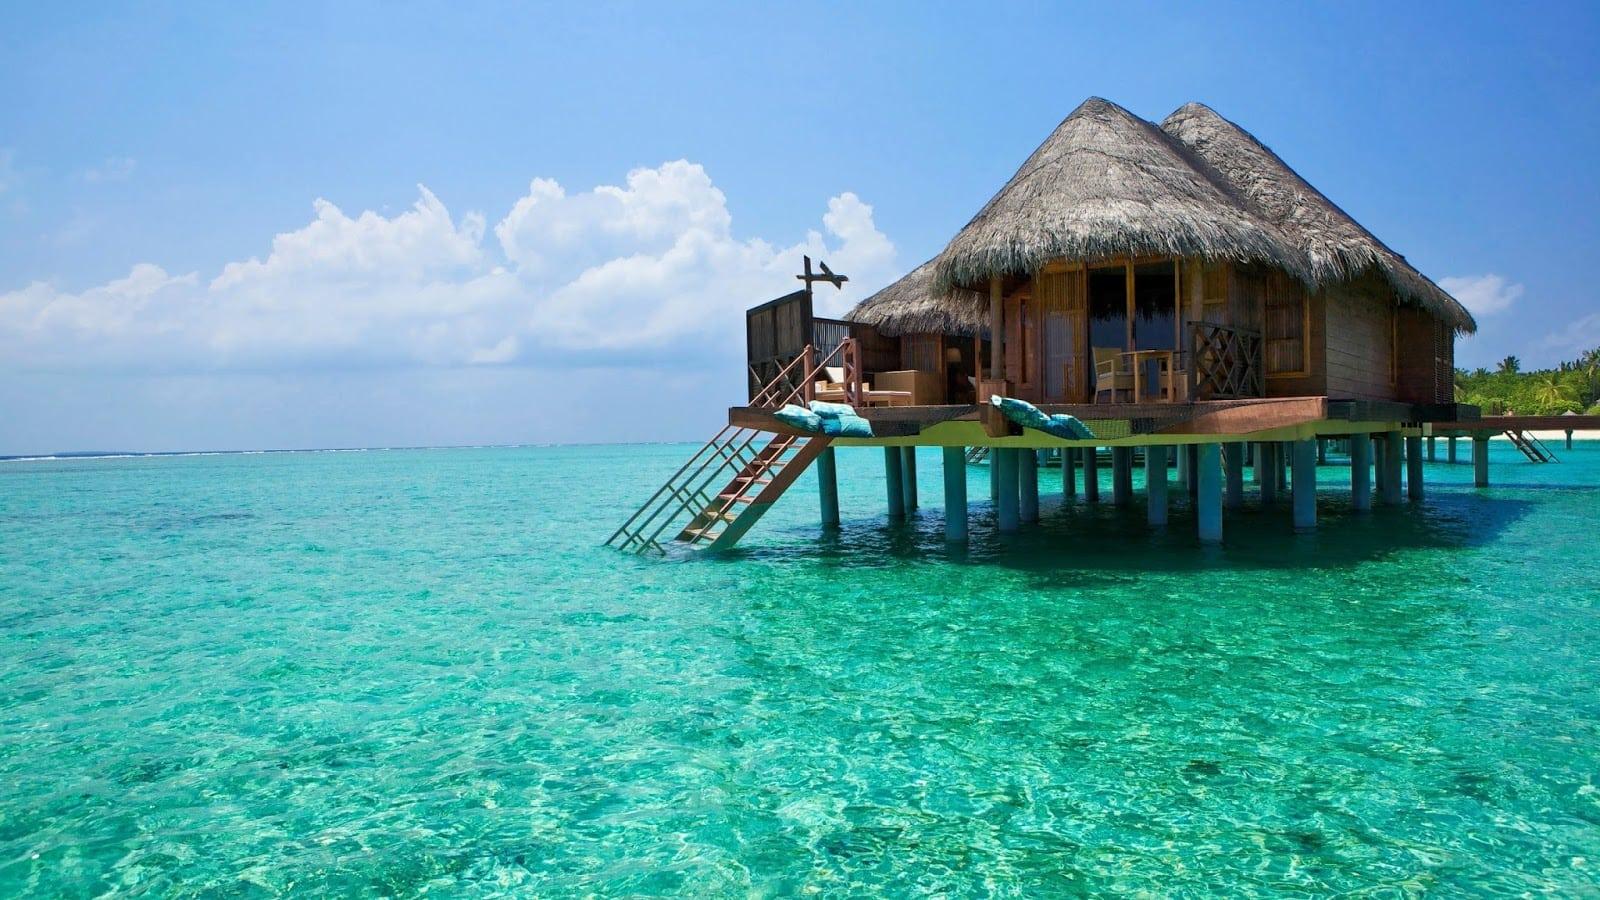 السياحة بداخل منطقة أميد في بالي